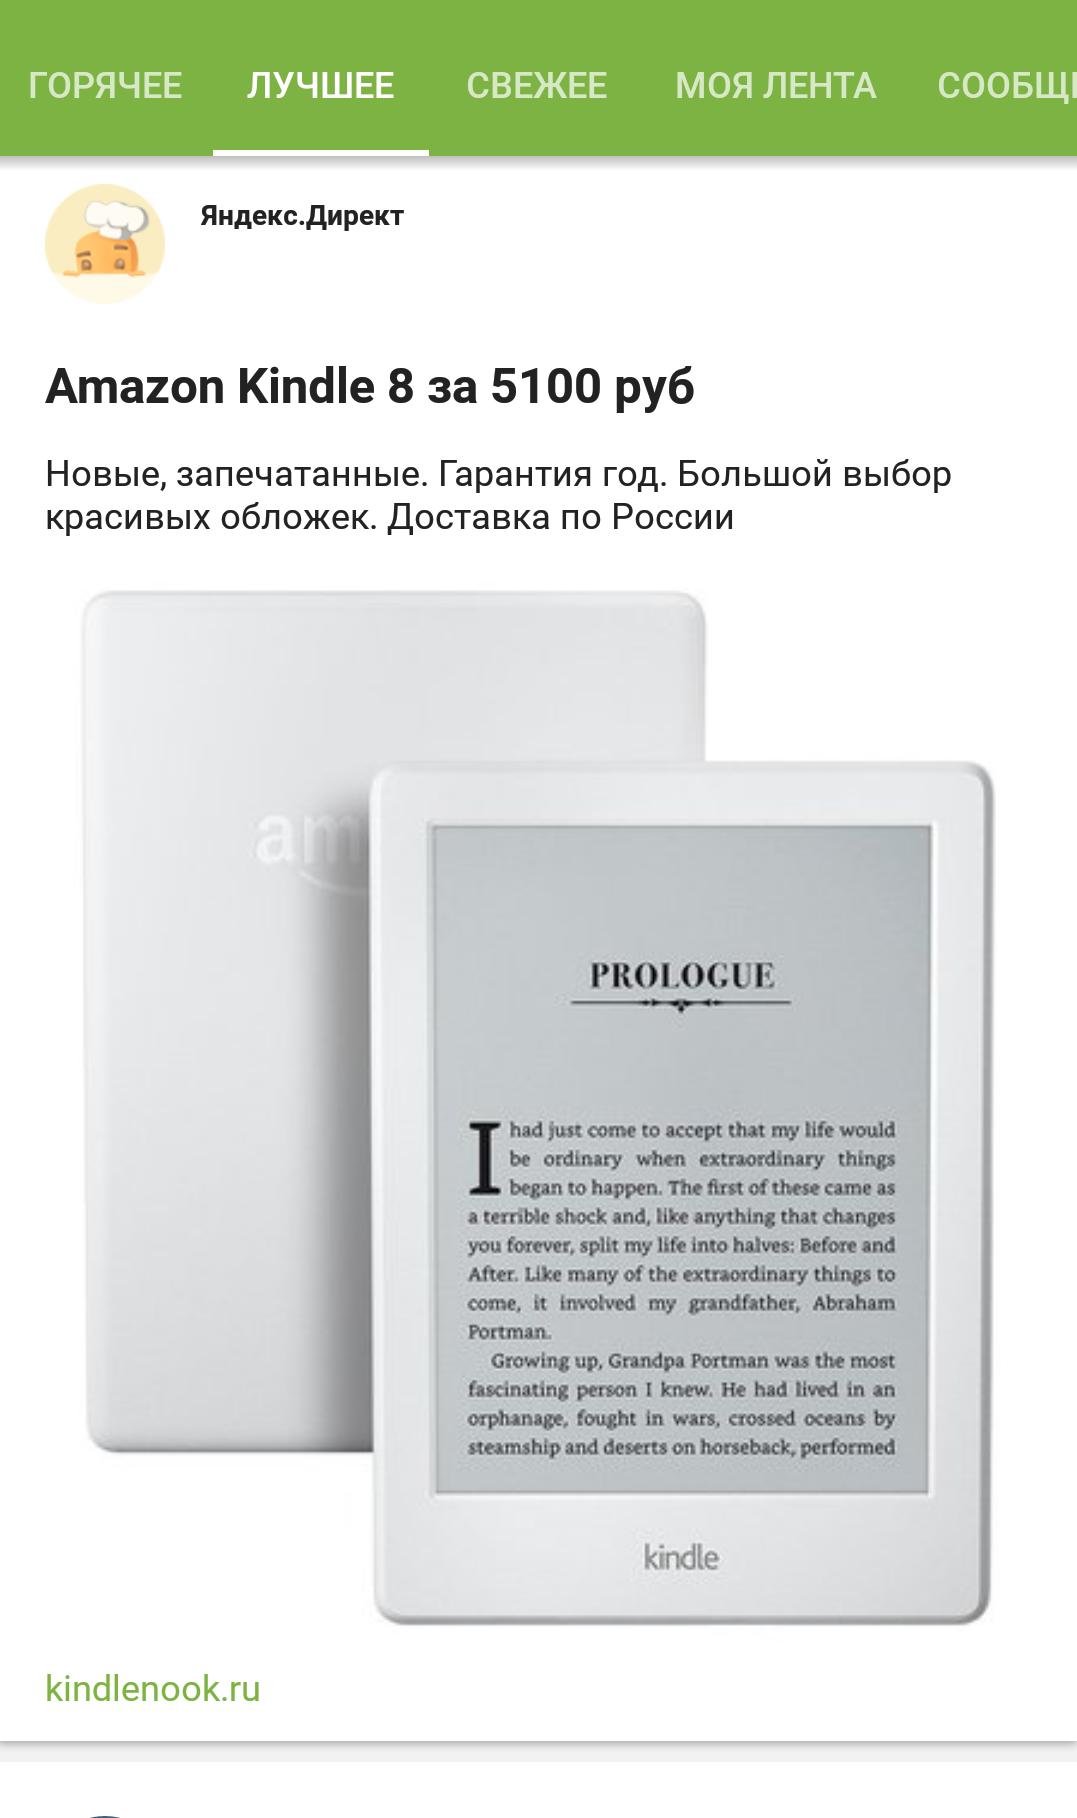 Книги по контекстной рекламе купить